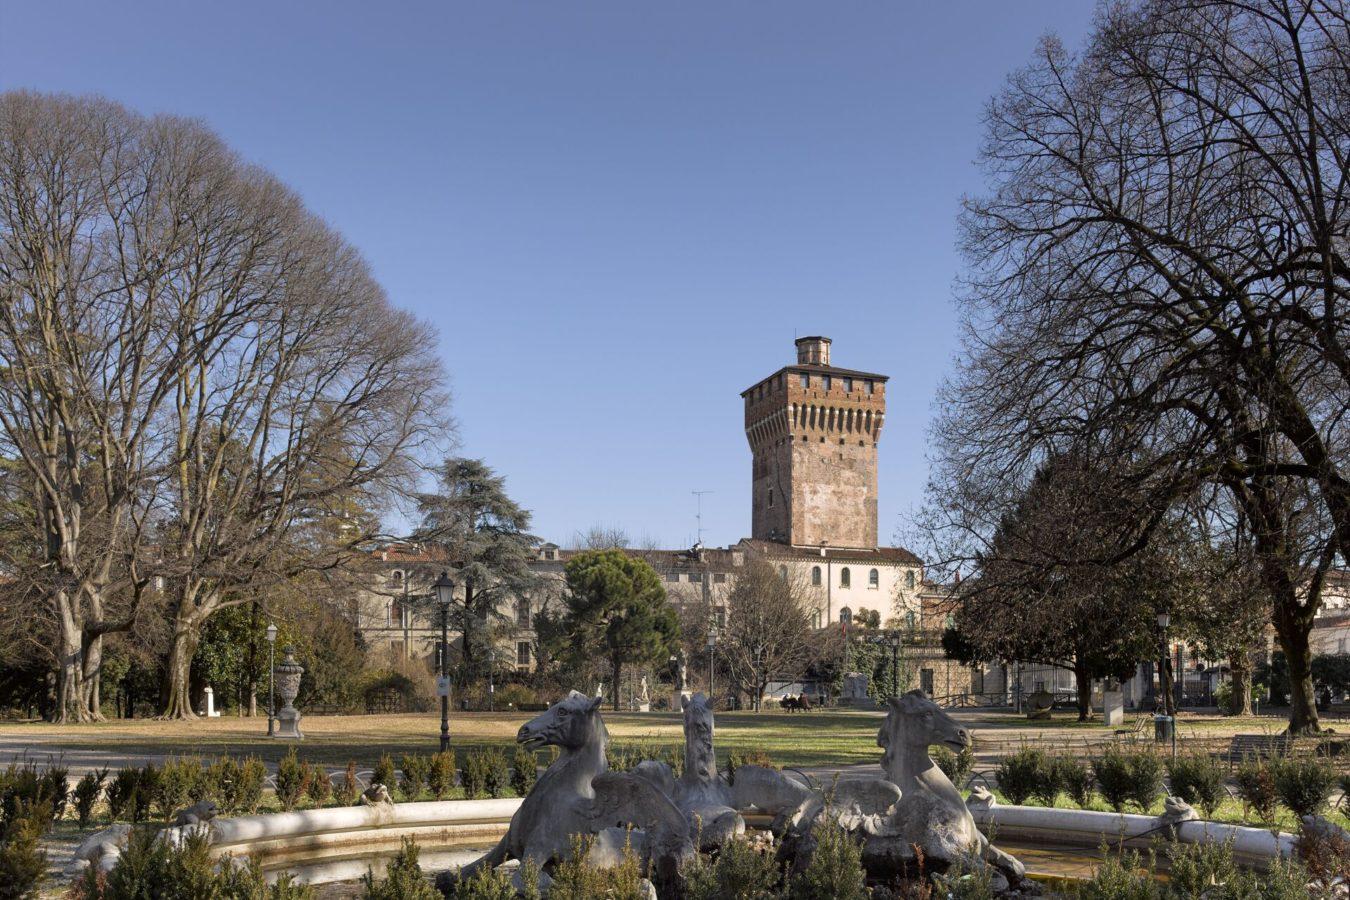 Fondazione Coppola, Vicenza; La Torre at Fondazione Coppola